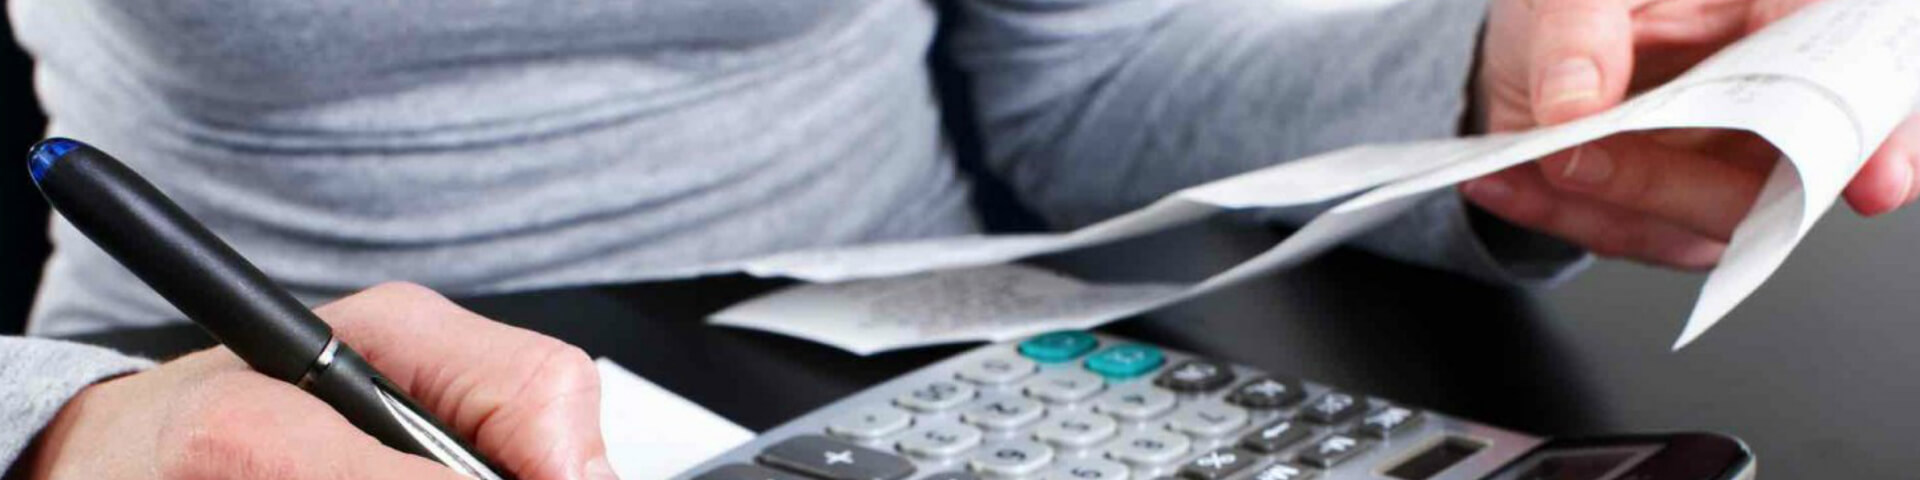 Налог при выигрыше в букмекерской конторе